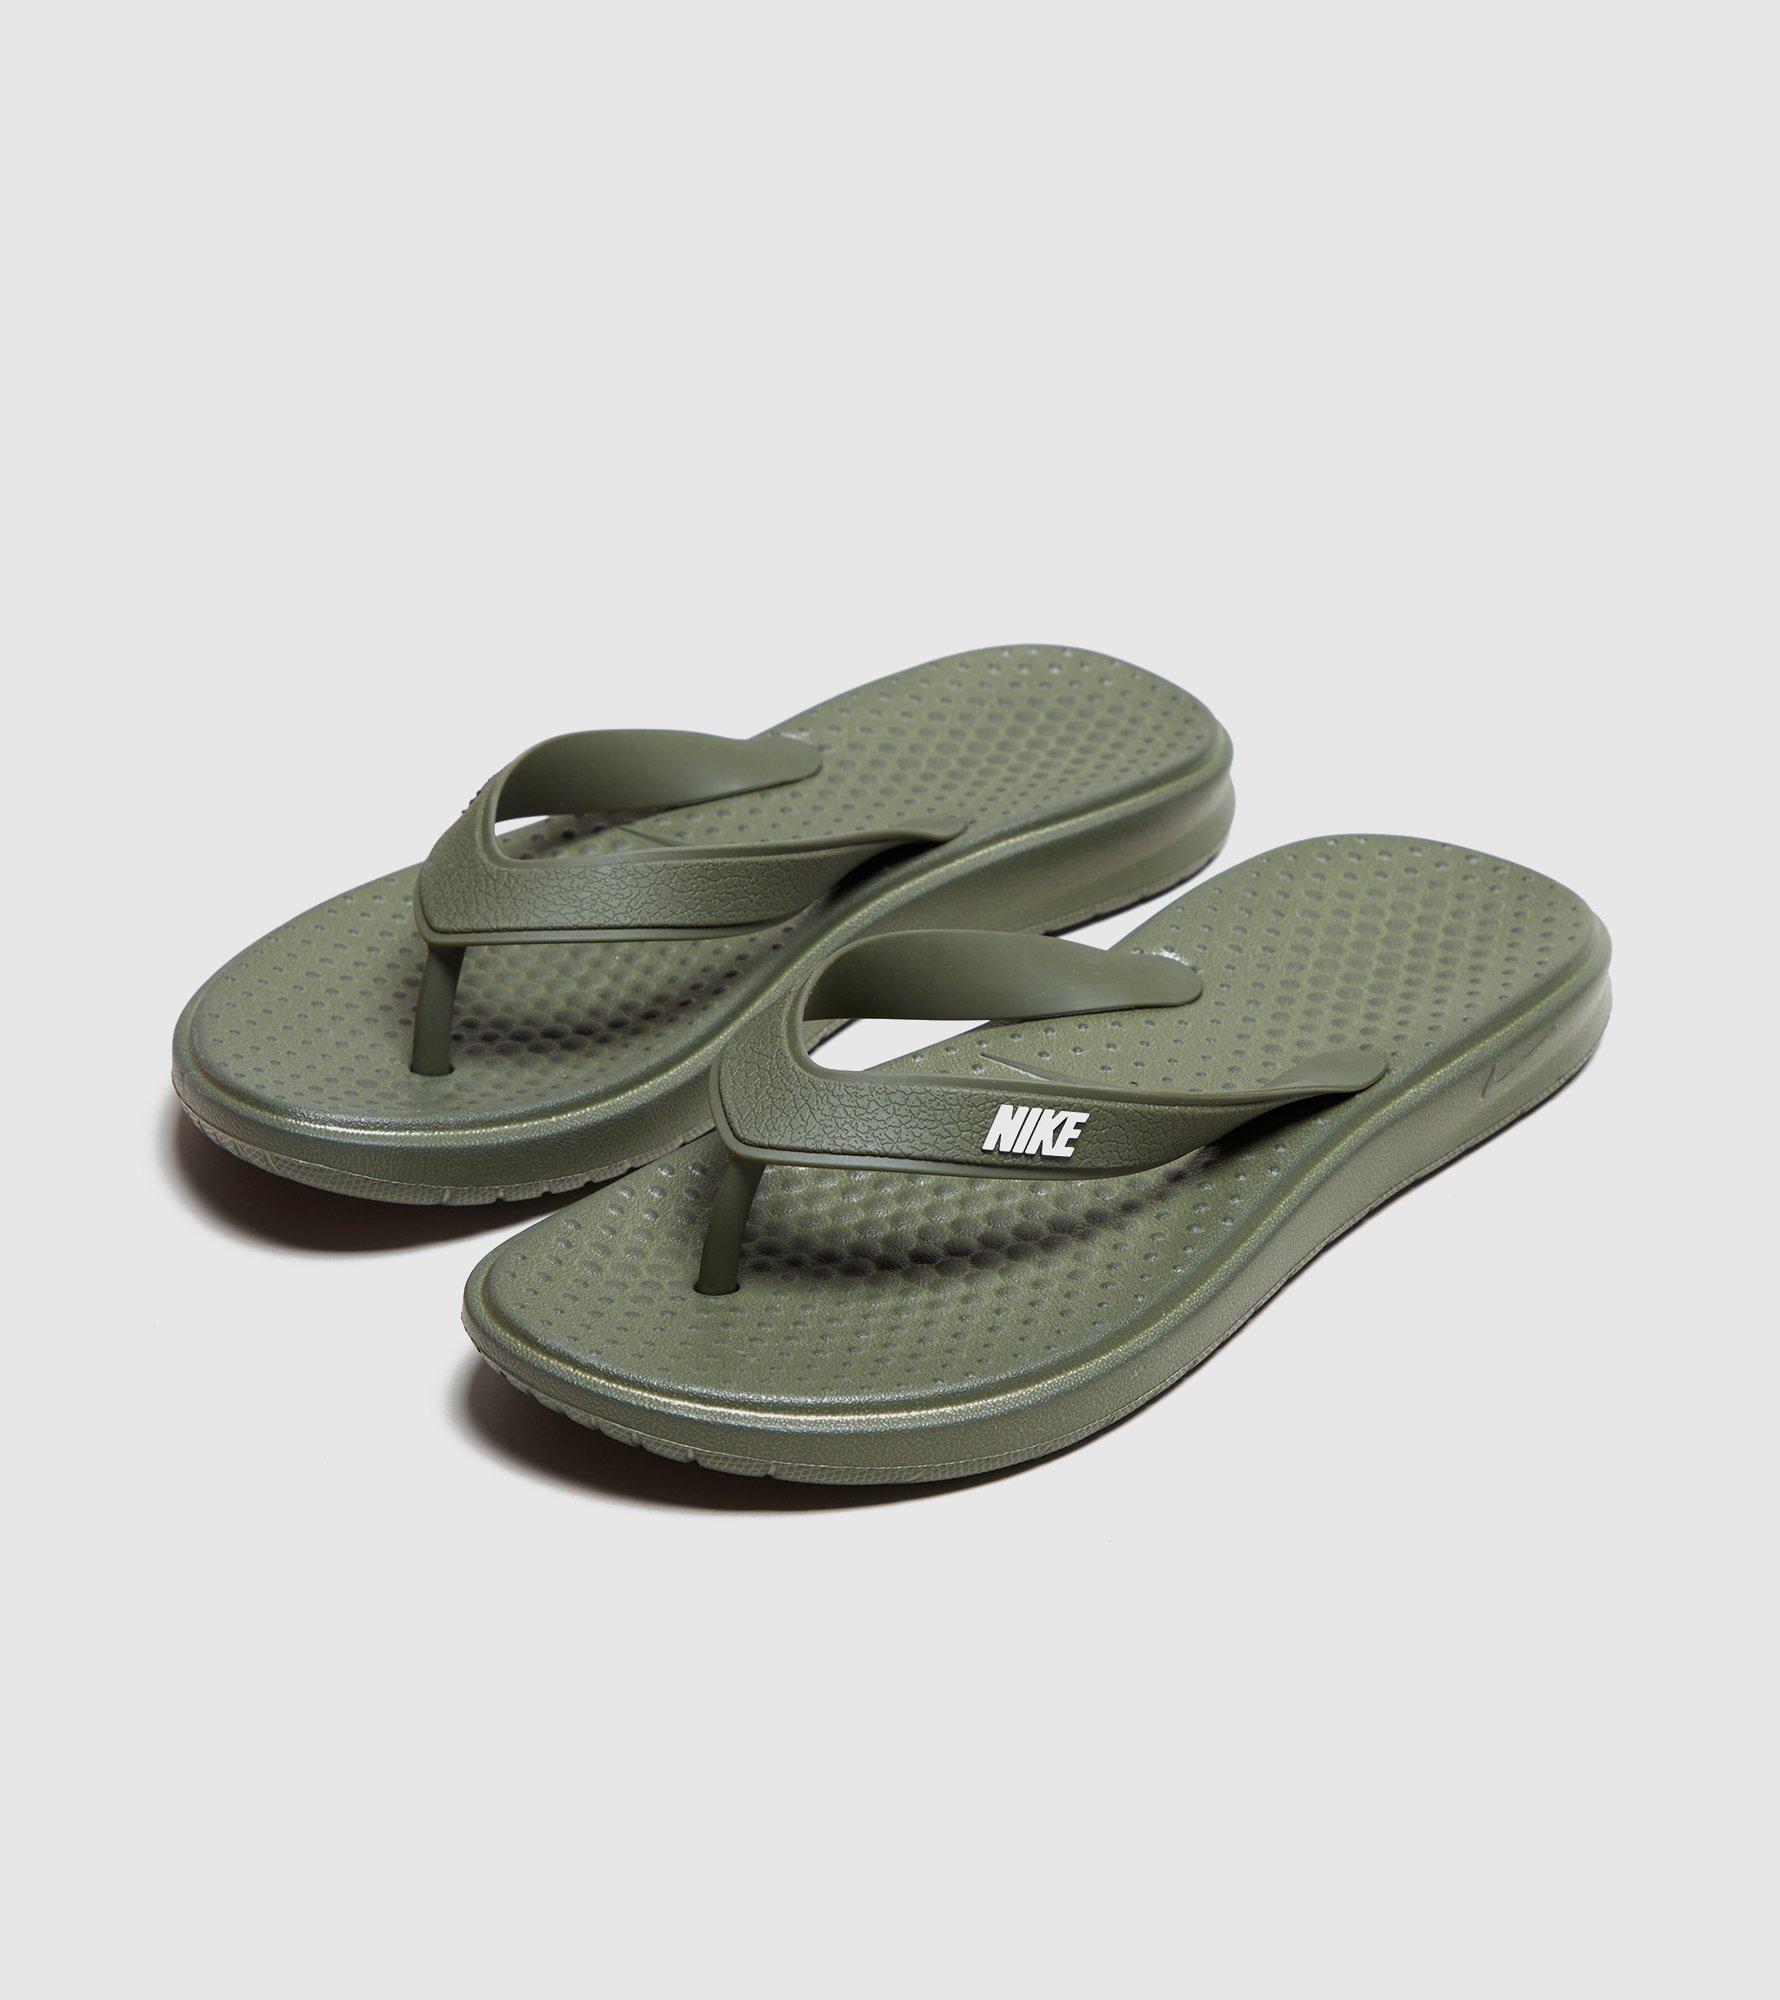 Nike flip flops shoejob with cumshot - 1 7